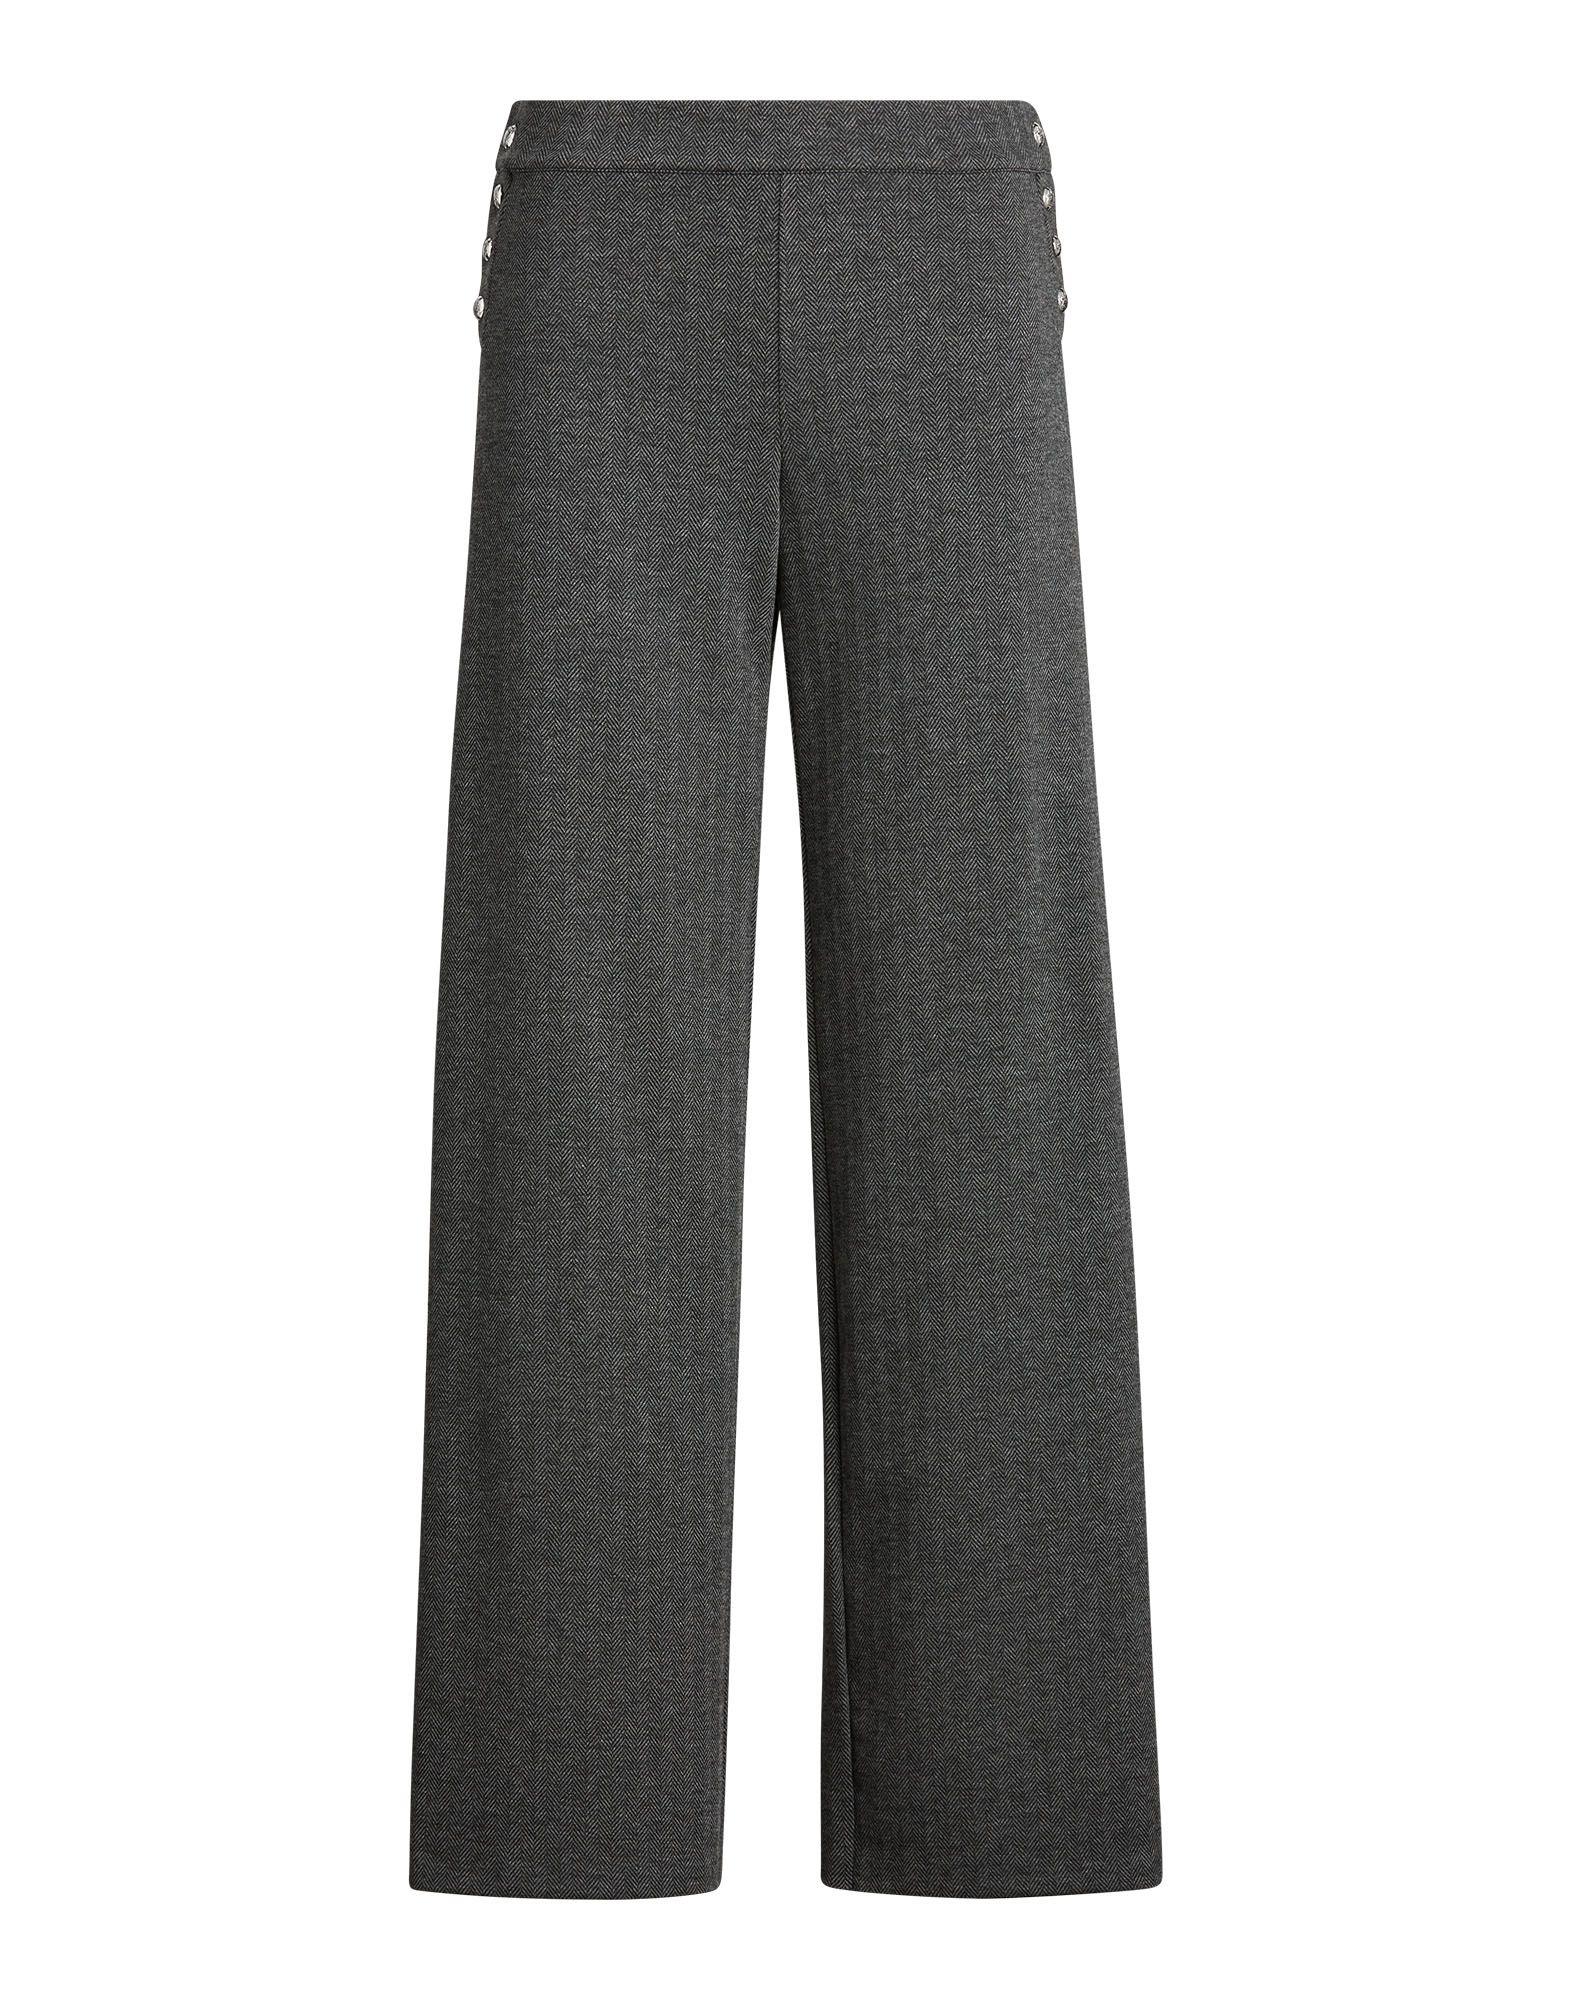 《セール開催中》LAUREN RALPH LAUREN レディース パンツ グレー L ポリエステル 73% / レーヨン 26% / ポリウレタン 1% TWILL JACQUARD STRAIGHT LEG PANT